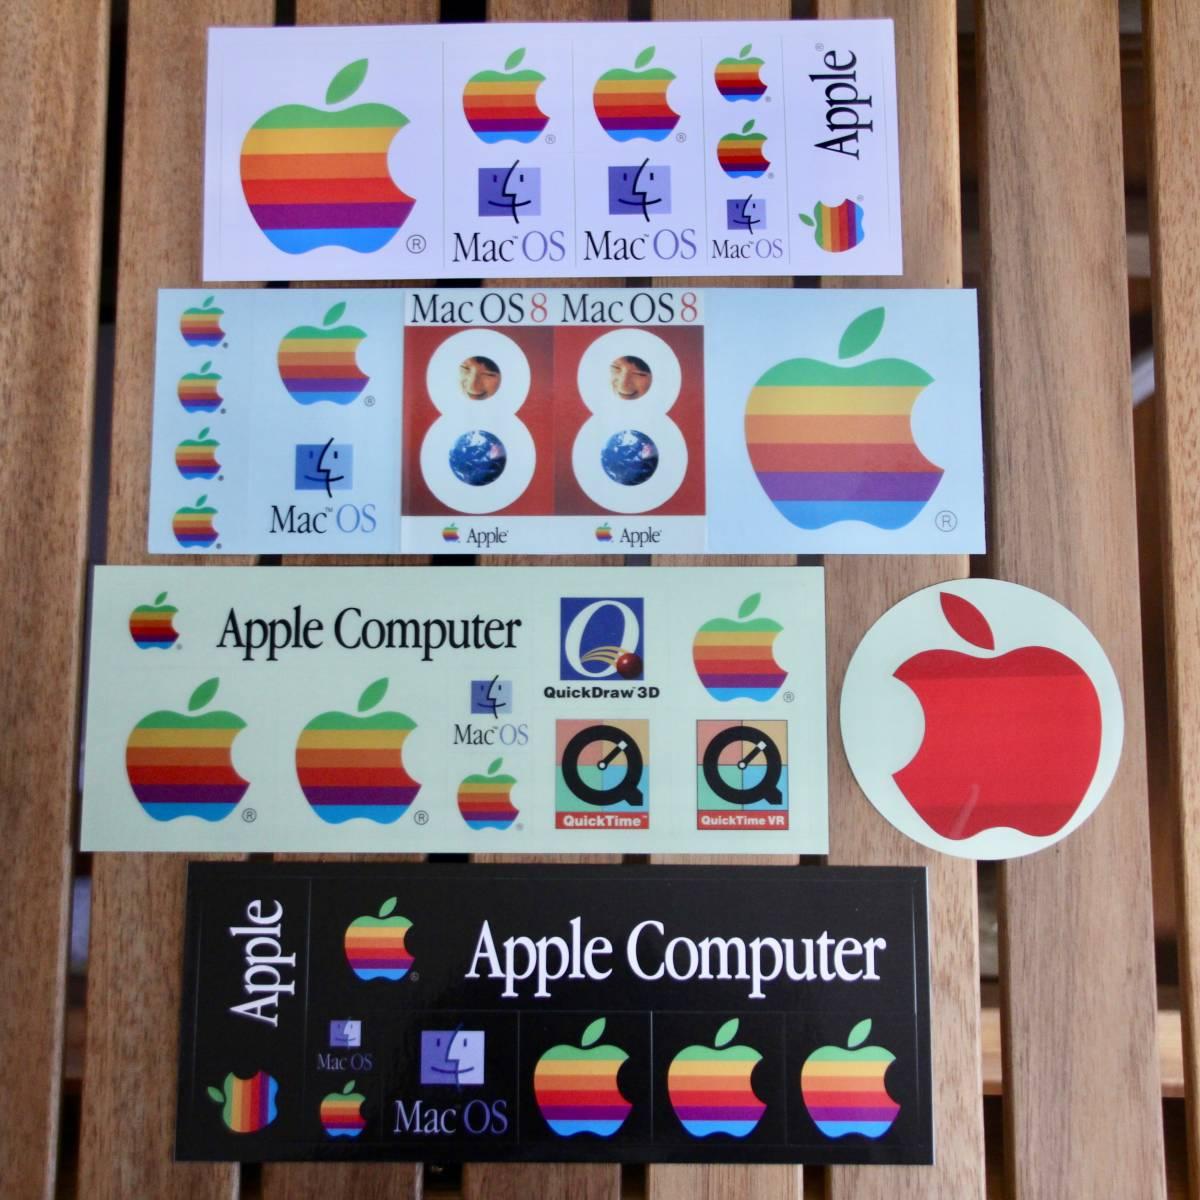 デッドストック Apple Computer アップル コンピューター レインボー ロゴ Mac OS ステッカーセット 非売品 ノベルティー Think Different